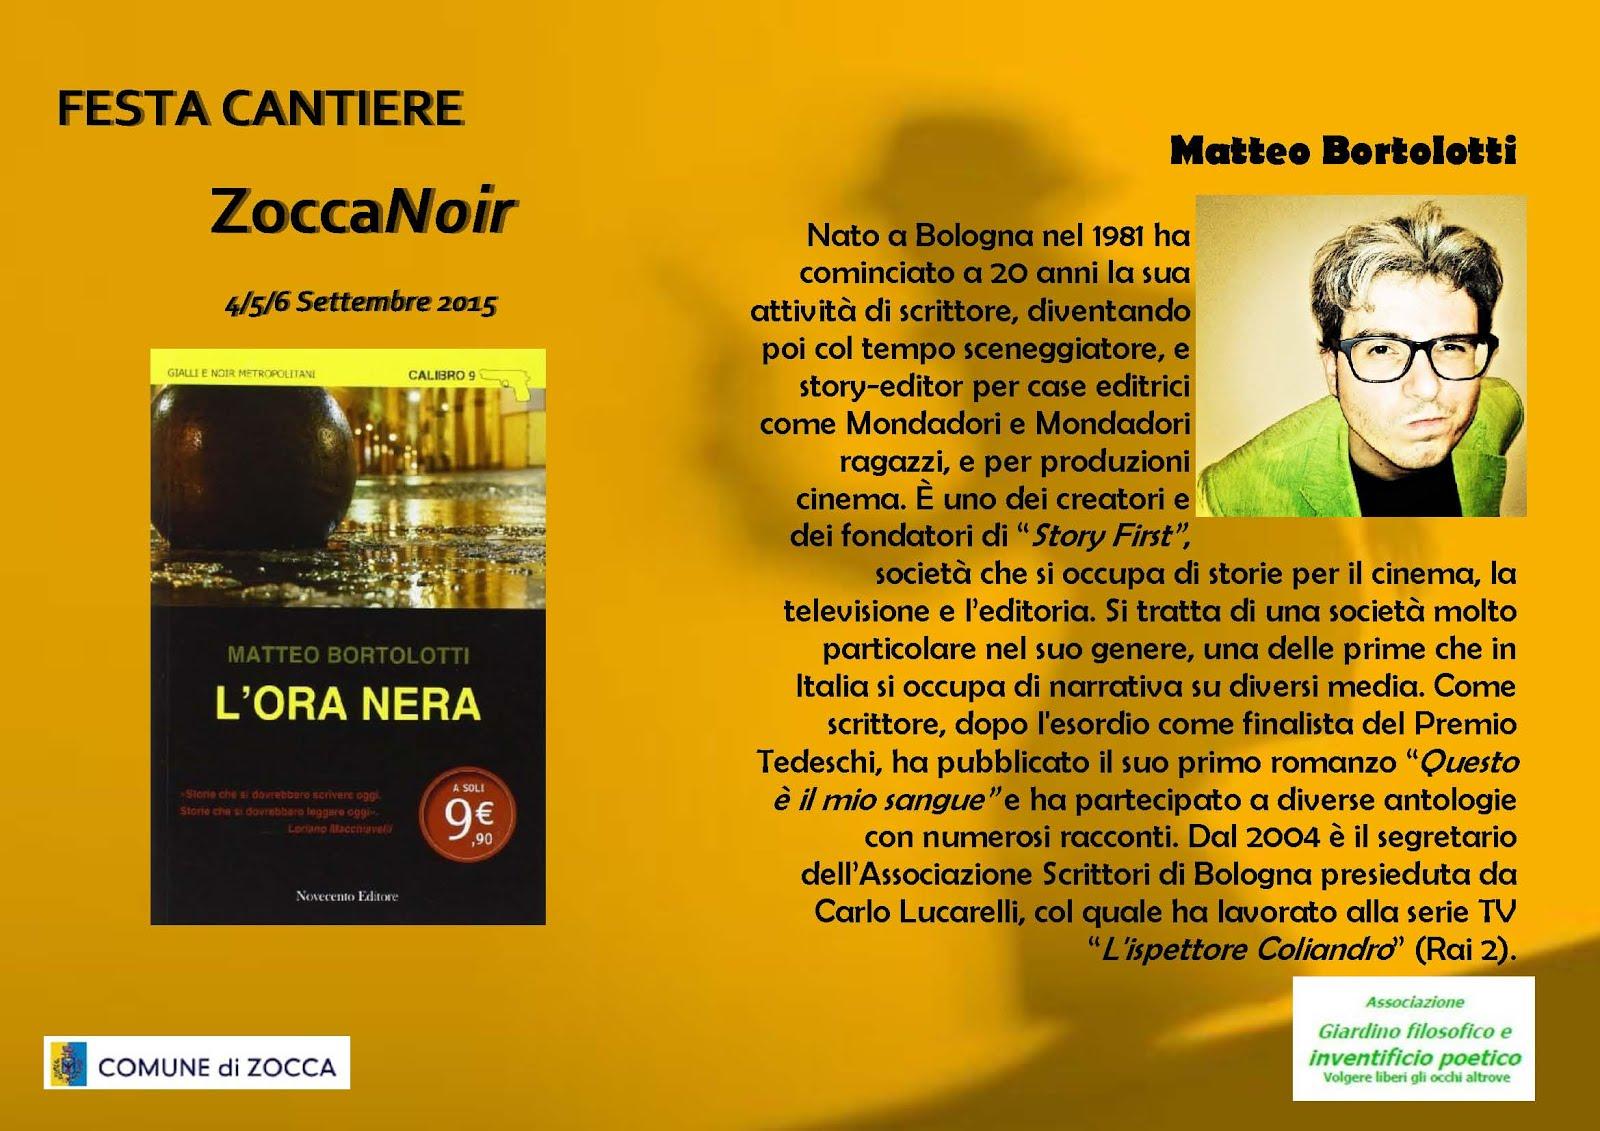 Biografia Matteo Bortolotti